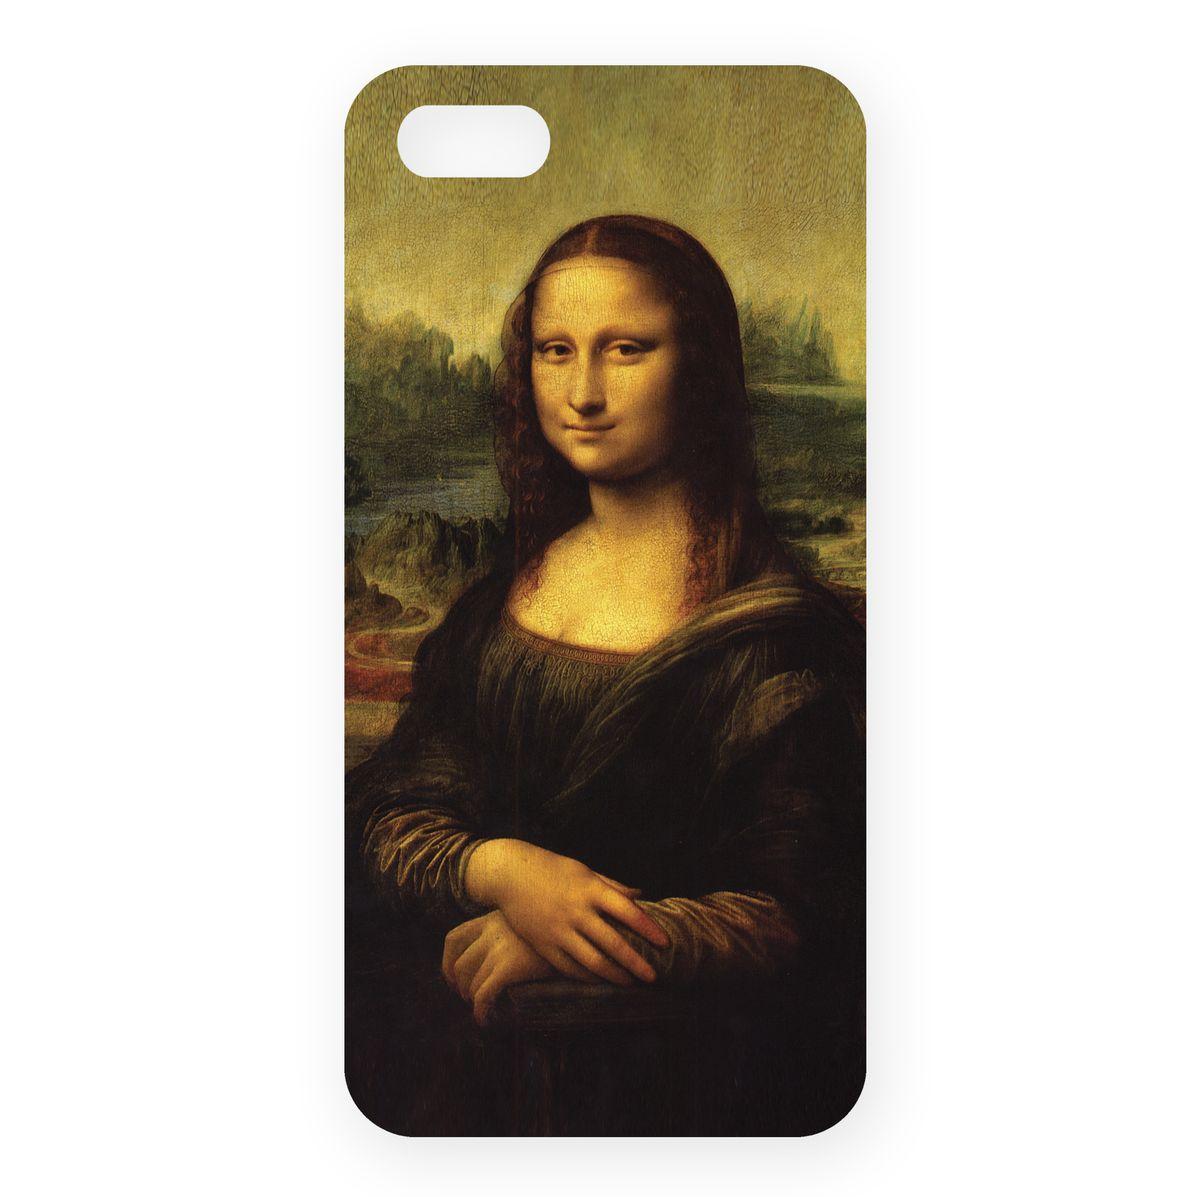 Mitya Veselkov Мона Лиза чехол для Apple iPhone 5/5sIP5.MITYA-231Оденьте свой любимый iPhone! Чехол Mitya Veselkov для iPhone 5/5s не просто средство защиты от царапин и внешних повреждений, но и модный аксессуар, который сделает ваш образ завершенным. Это стильная и элегантная деталь вашего образа, которая всегда обращает на себя внимание среди множества вещей.